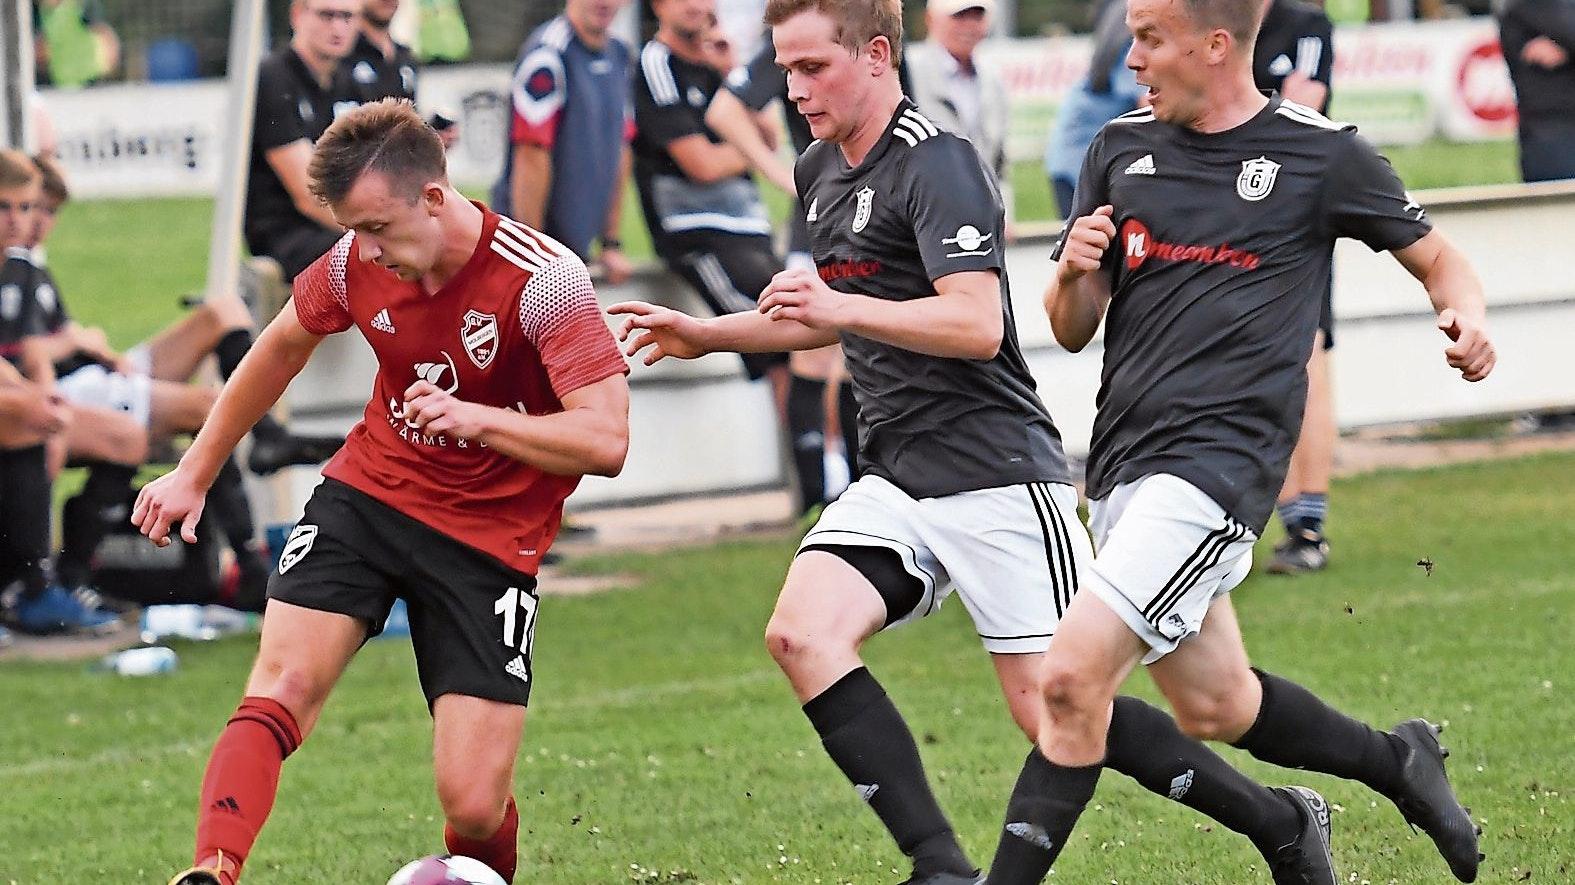 Nur drei Pflichtspiele 2020: Gehlenbergs Fußballer (rechts im Testspiel gegen den SV Molbergen) hoffen auf eine baldige Rückkehr zum Wettkampfmodus. Foto: Wulfers